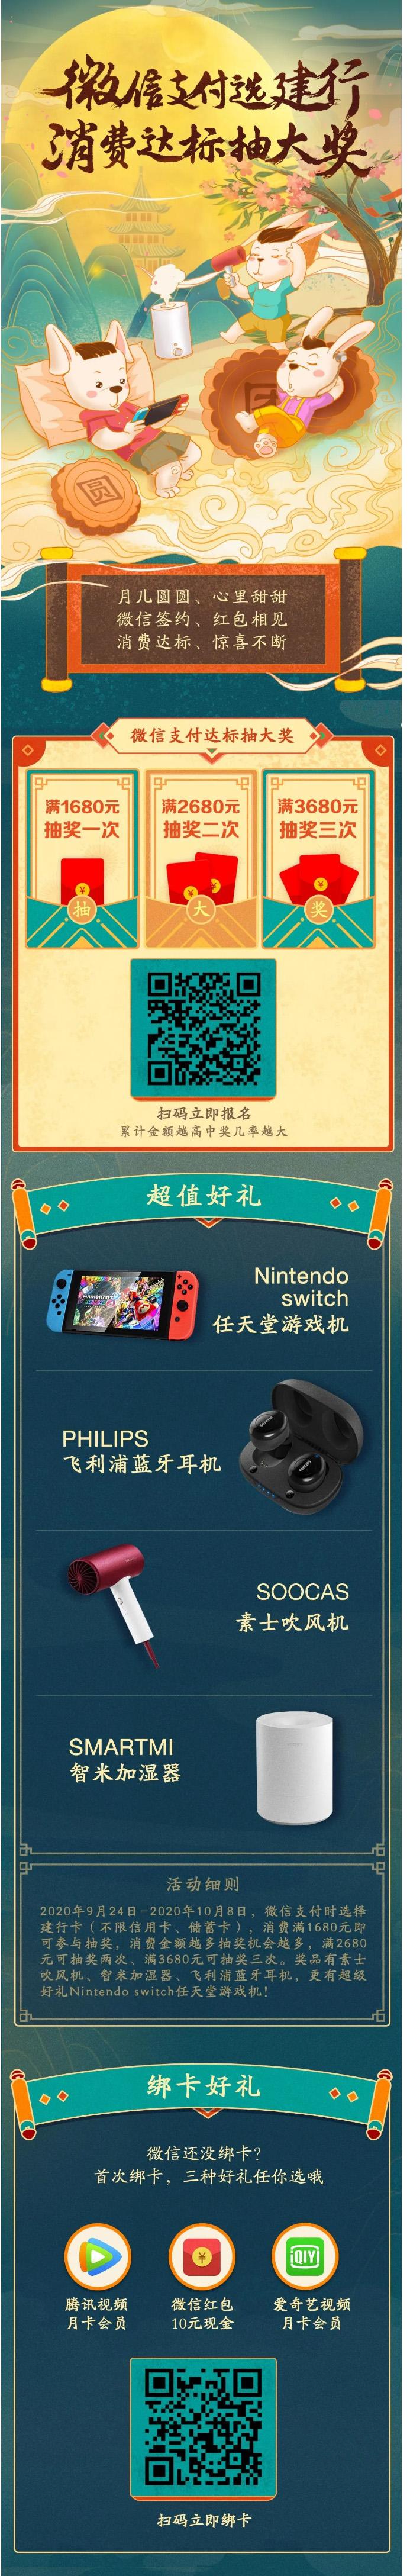 【秋天第一波福利】微信支付达标抽大奖,Switch游戏机等你来拿!.jpg